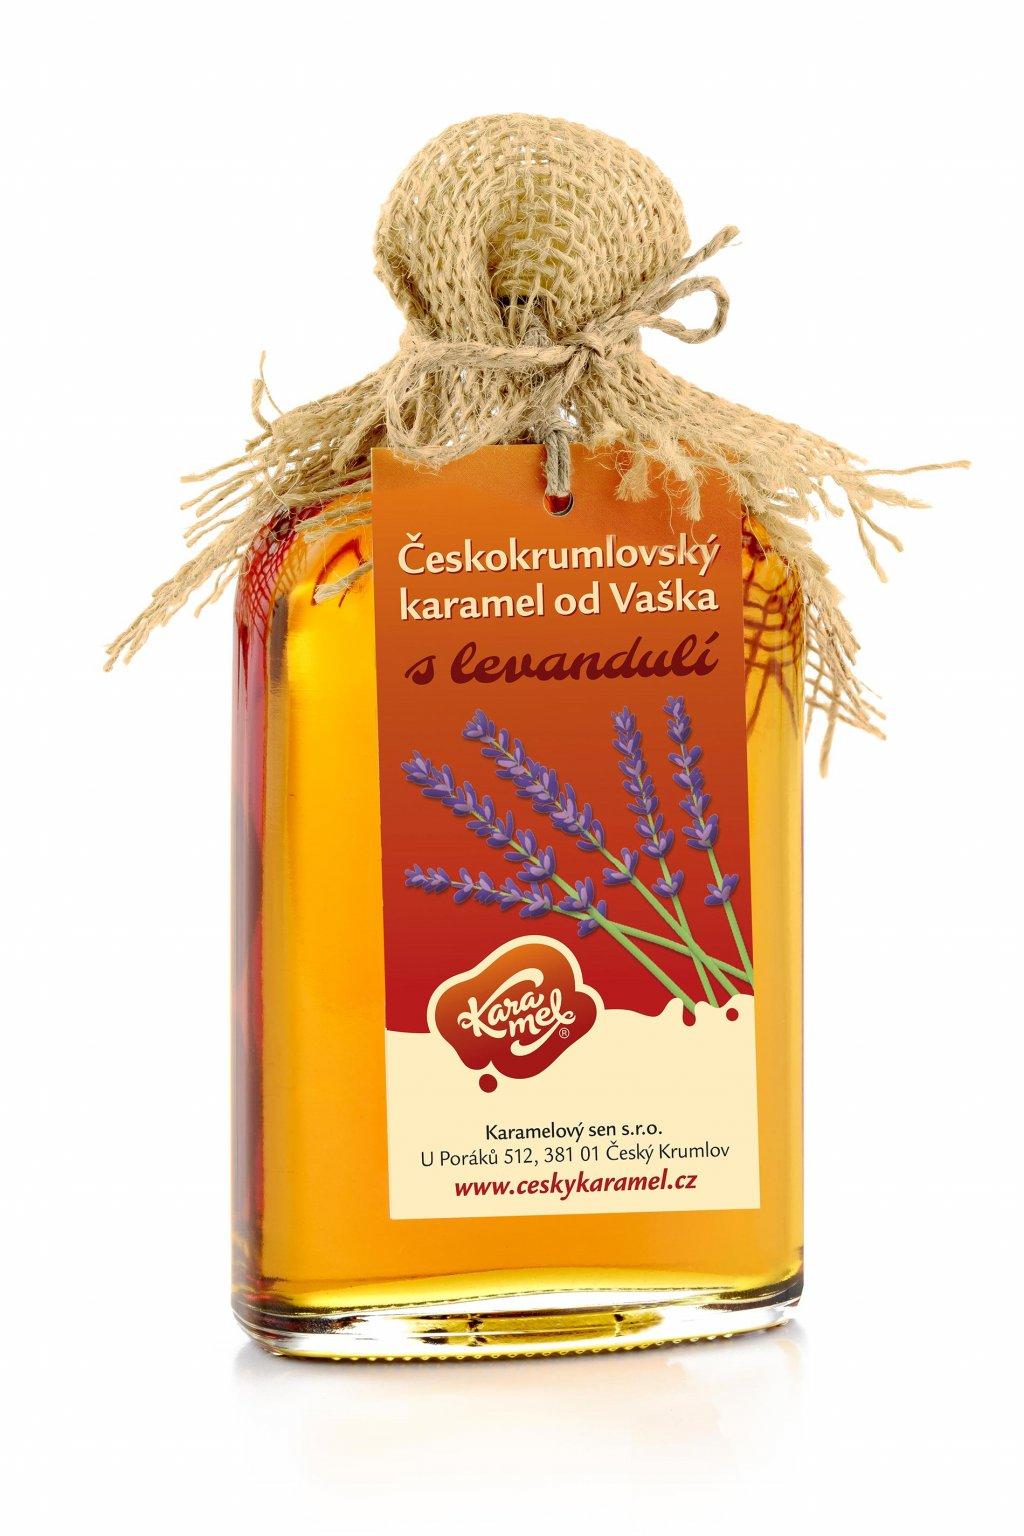 tekutý českokrumlovský karamel od vaškal s levandulí